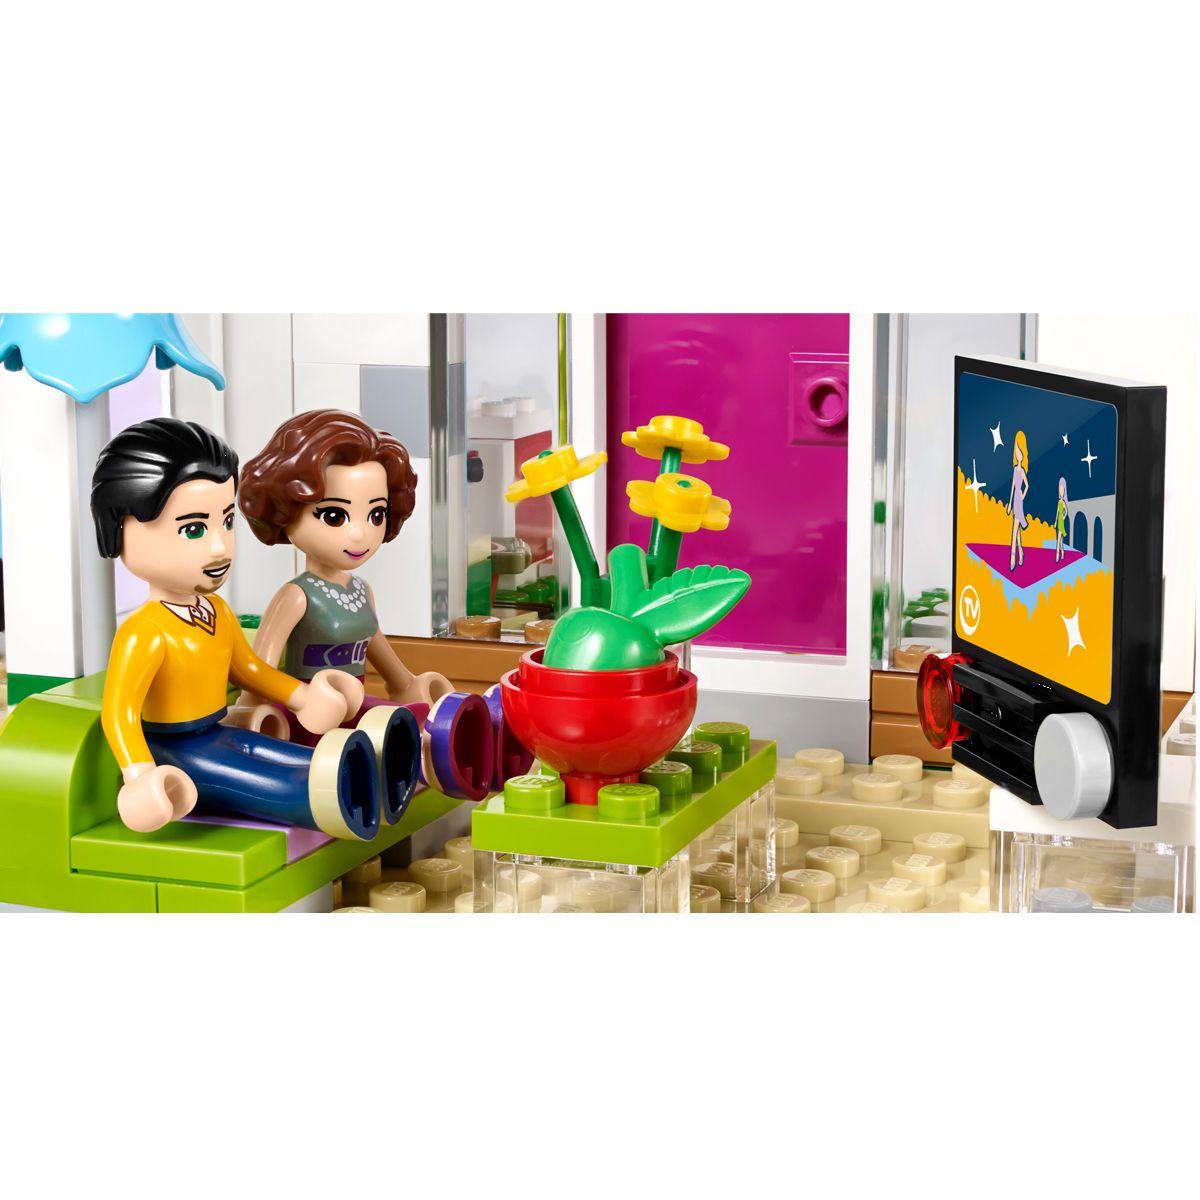 Maison Ville Et Urbains D'emma Lego Univers 41095 La Friends 0wk8PnO